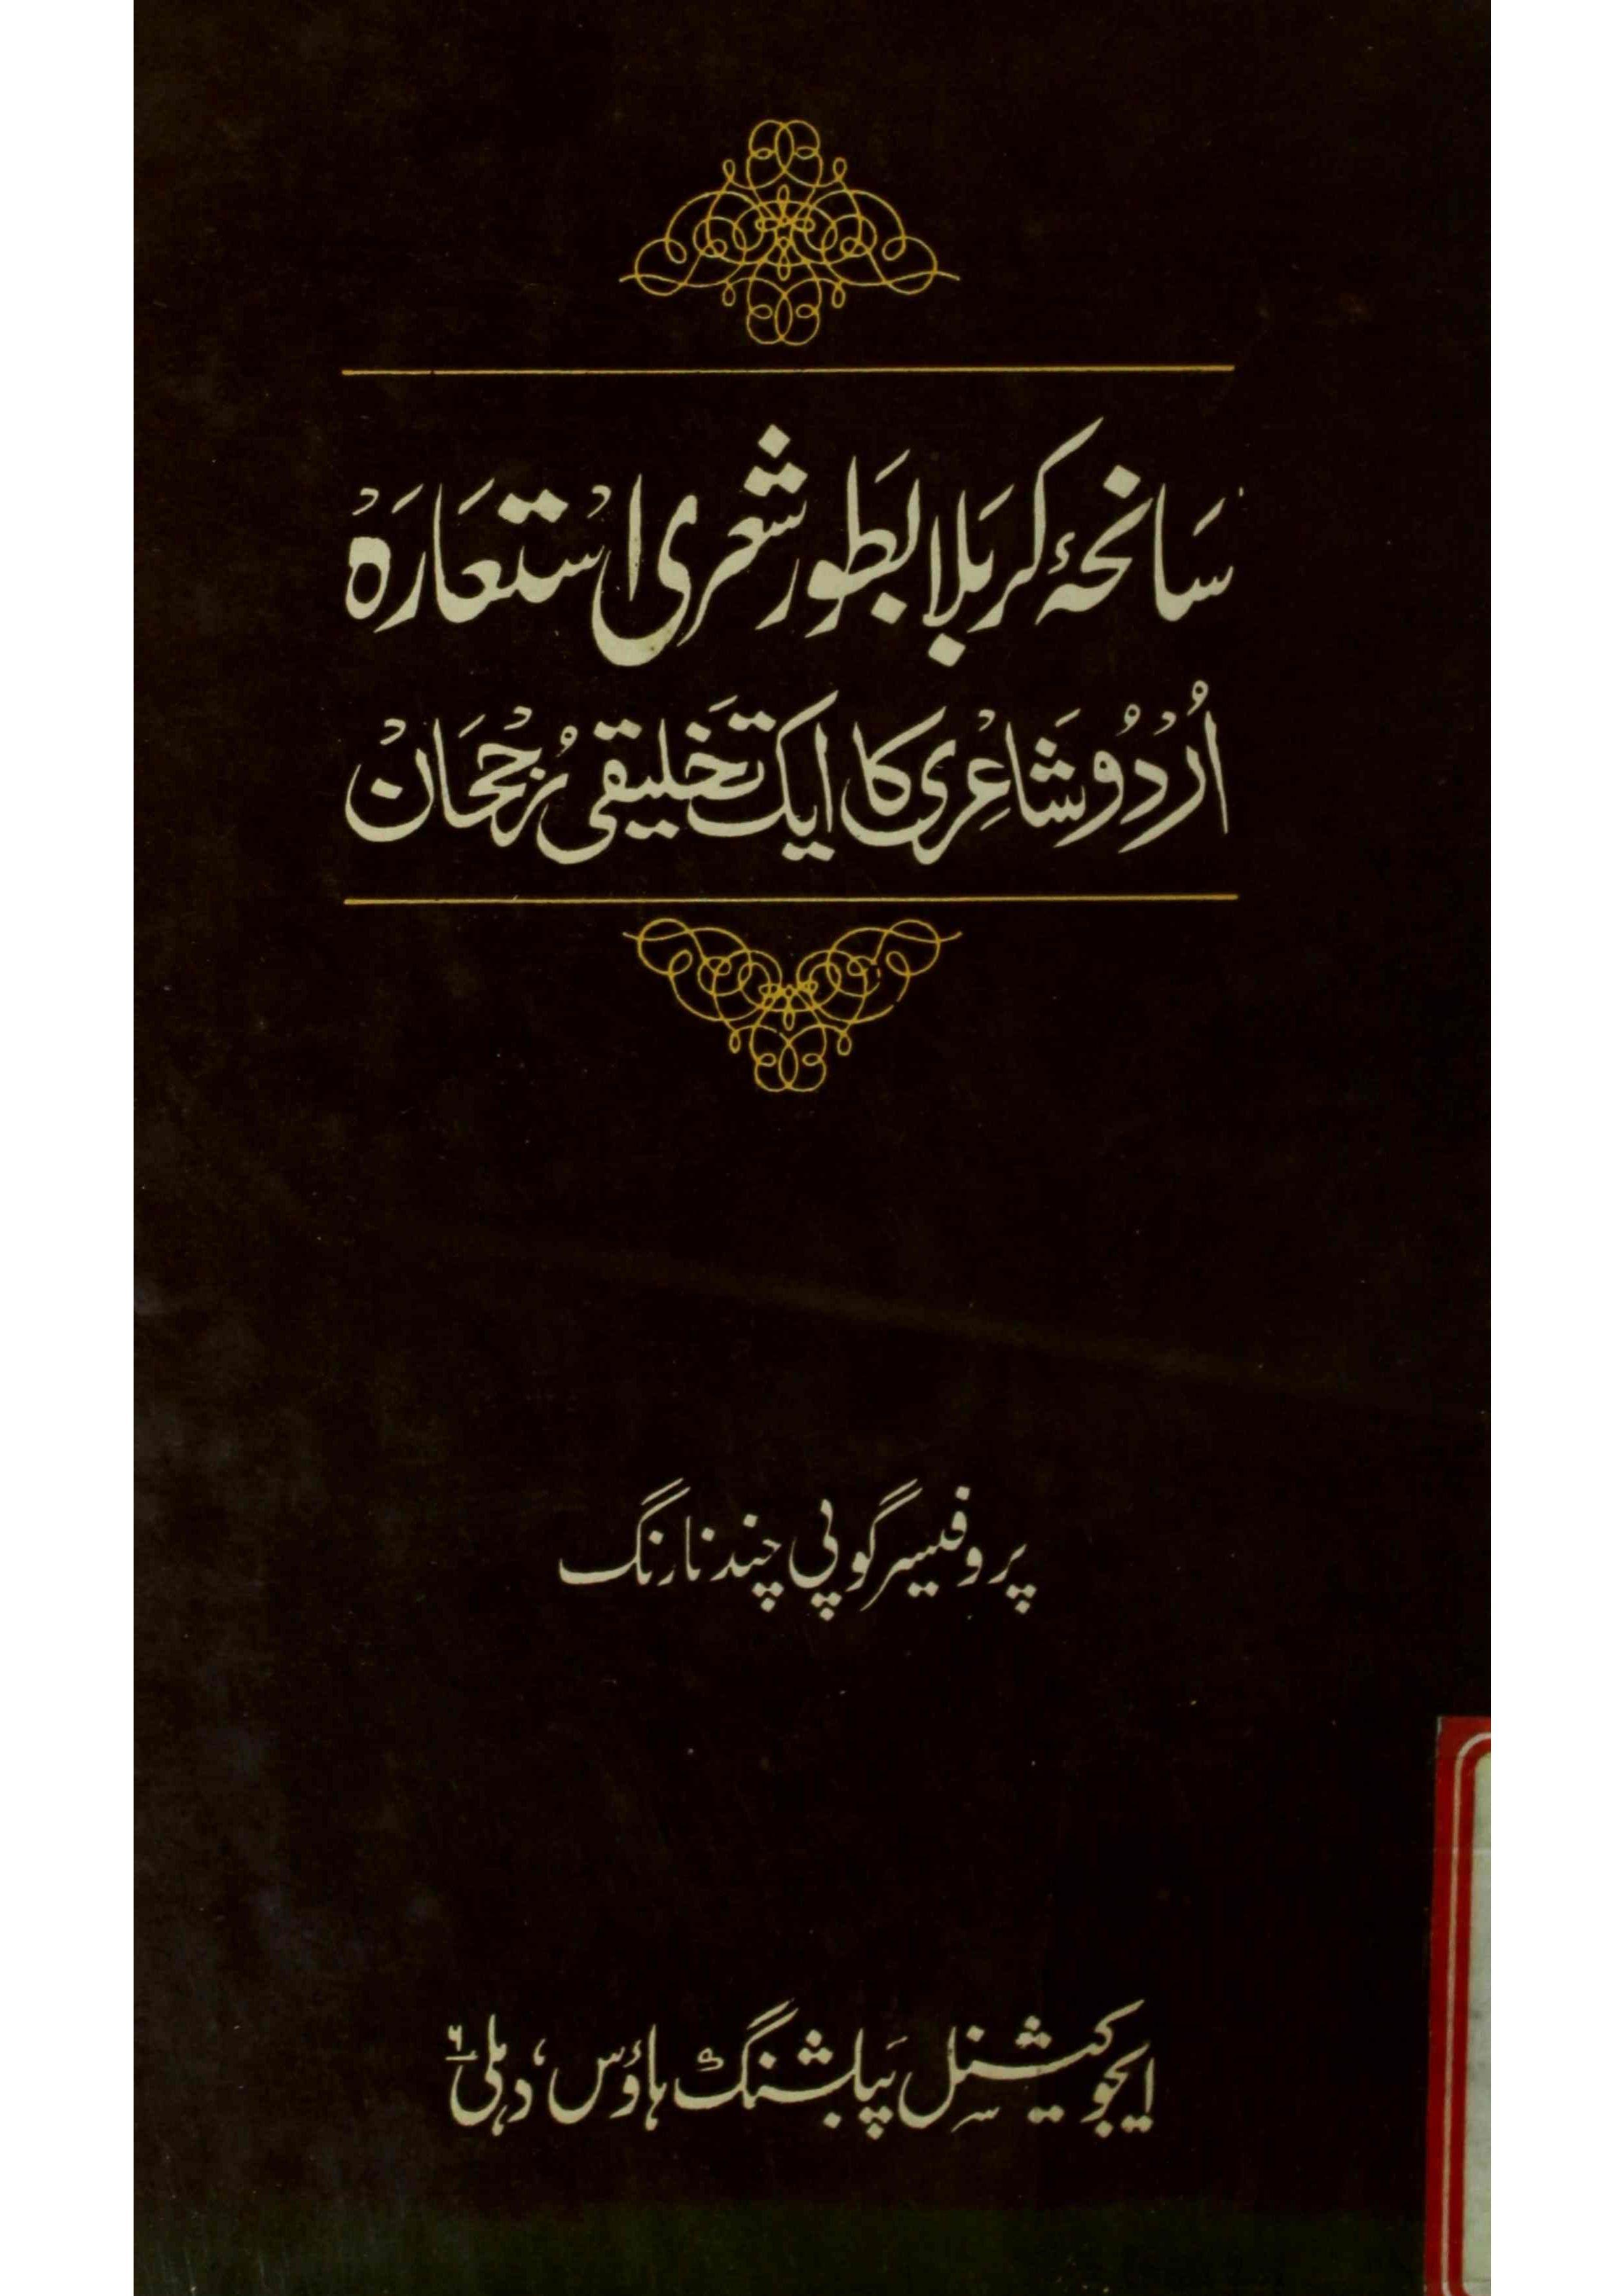 Sanihah-e-Karbala Bataur Sheri Istiarah     Urdu Shaeri Ka Ek Takhleeqi Rujhan